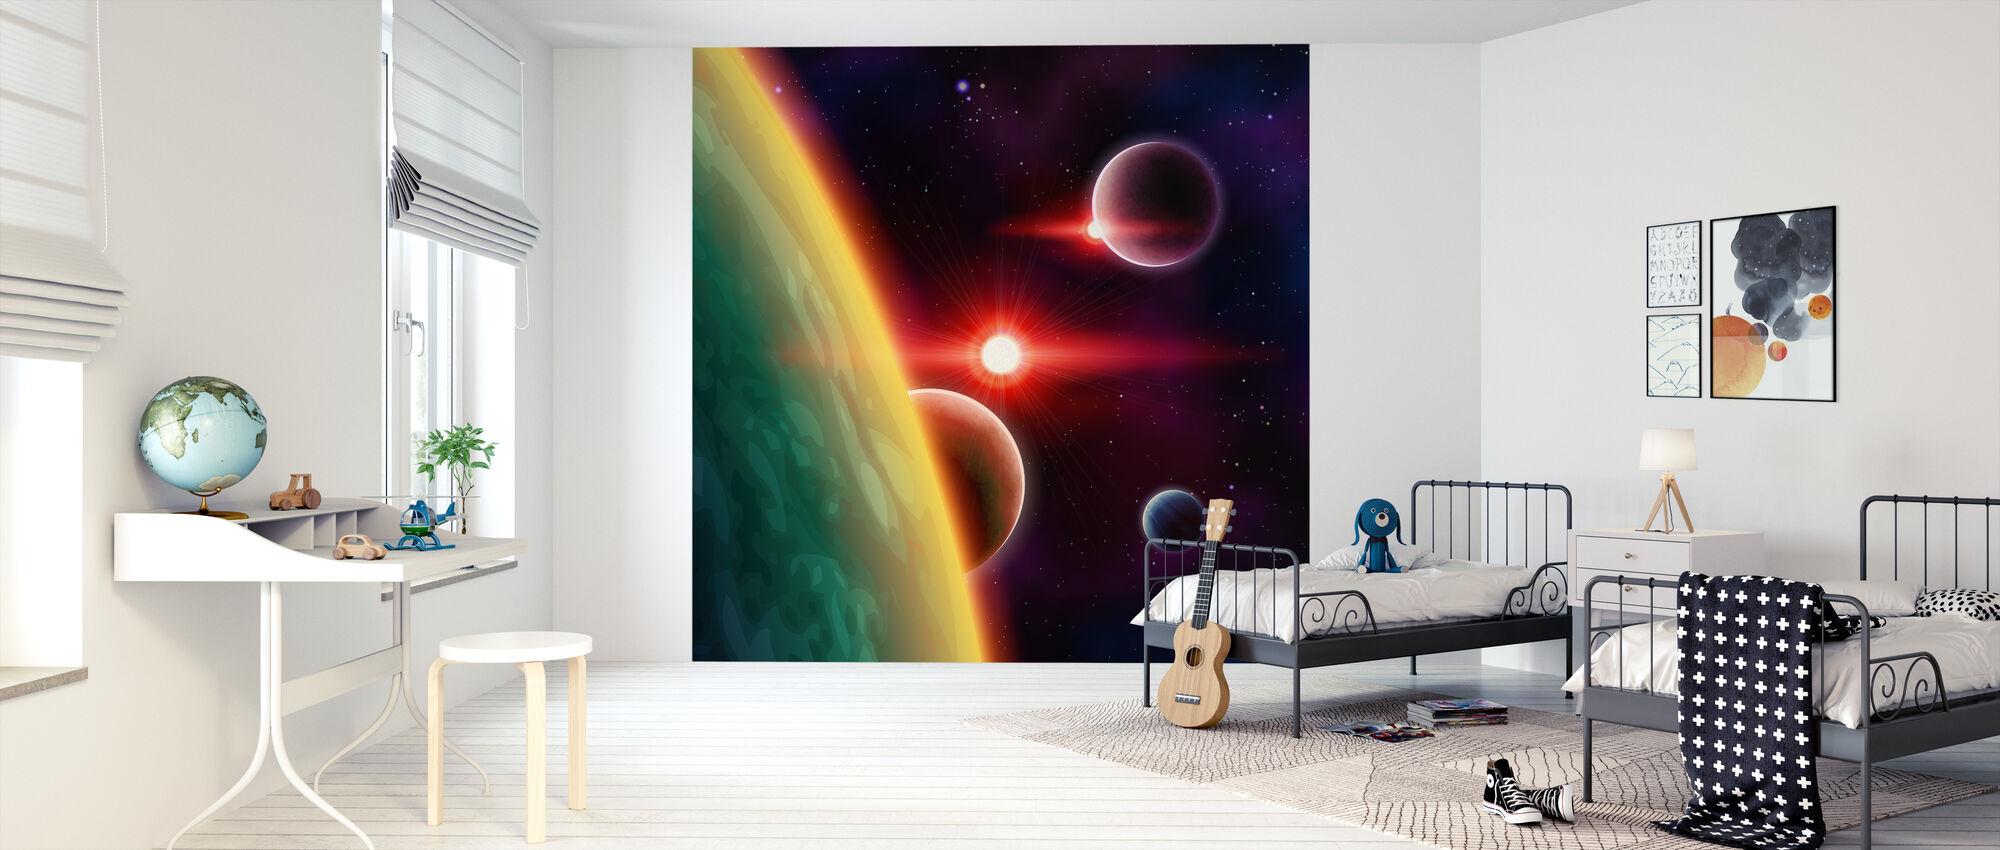 Spaces between Galaxies - Wallpaper - Kids Room